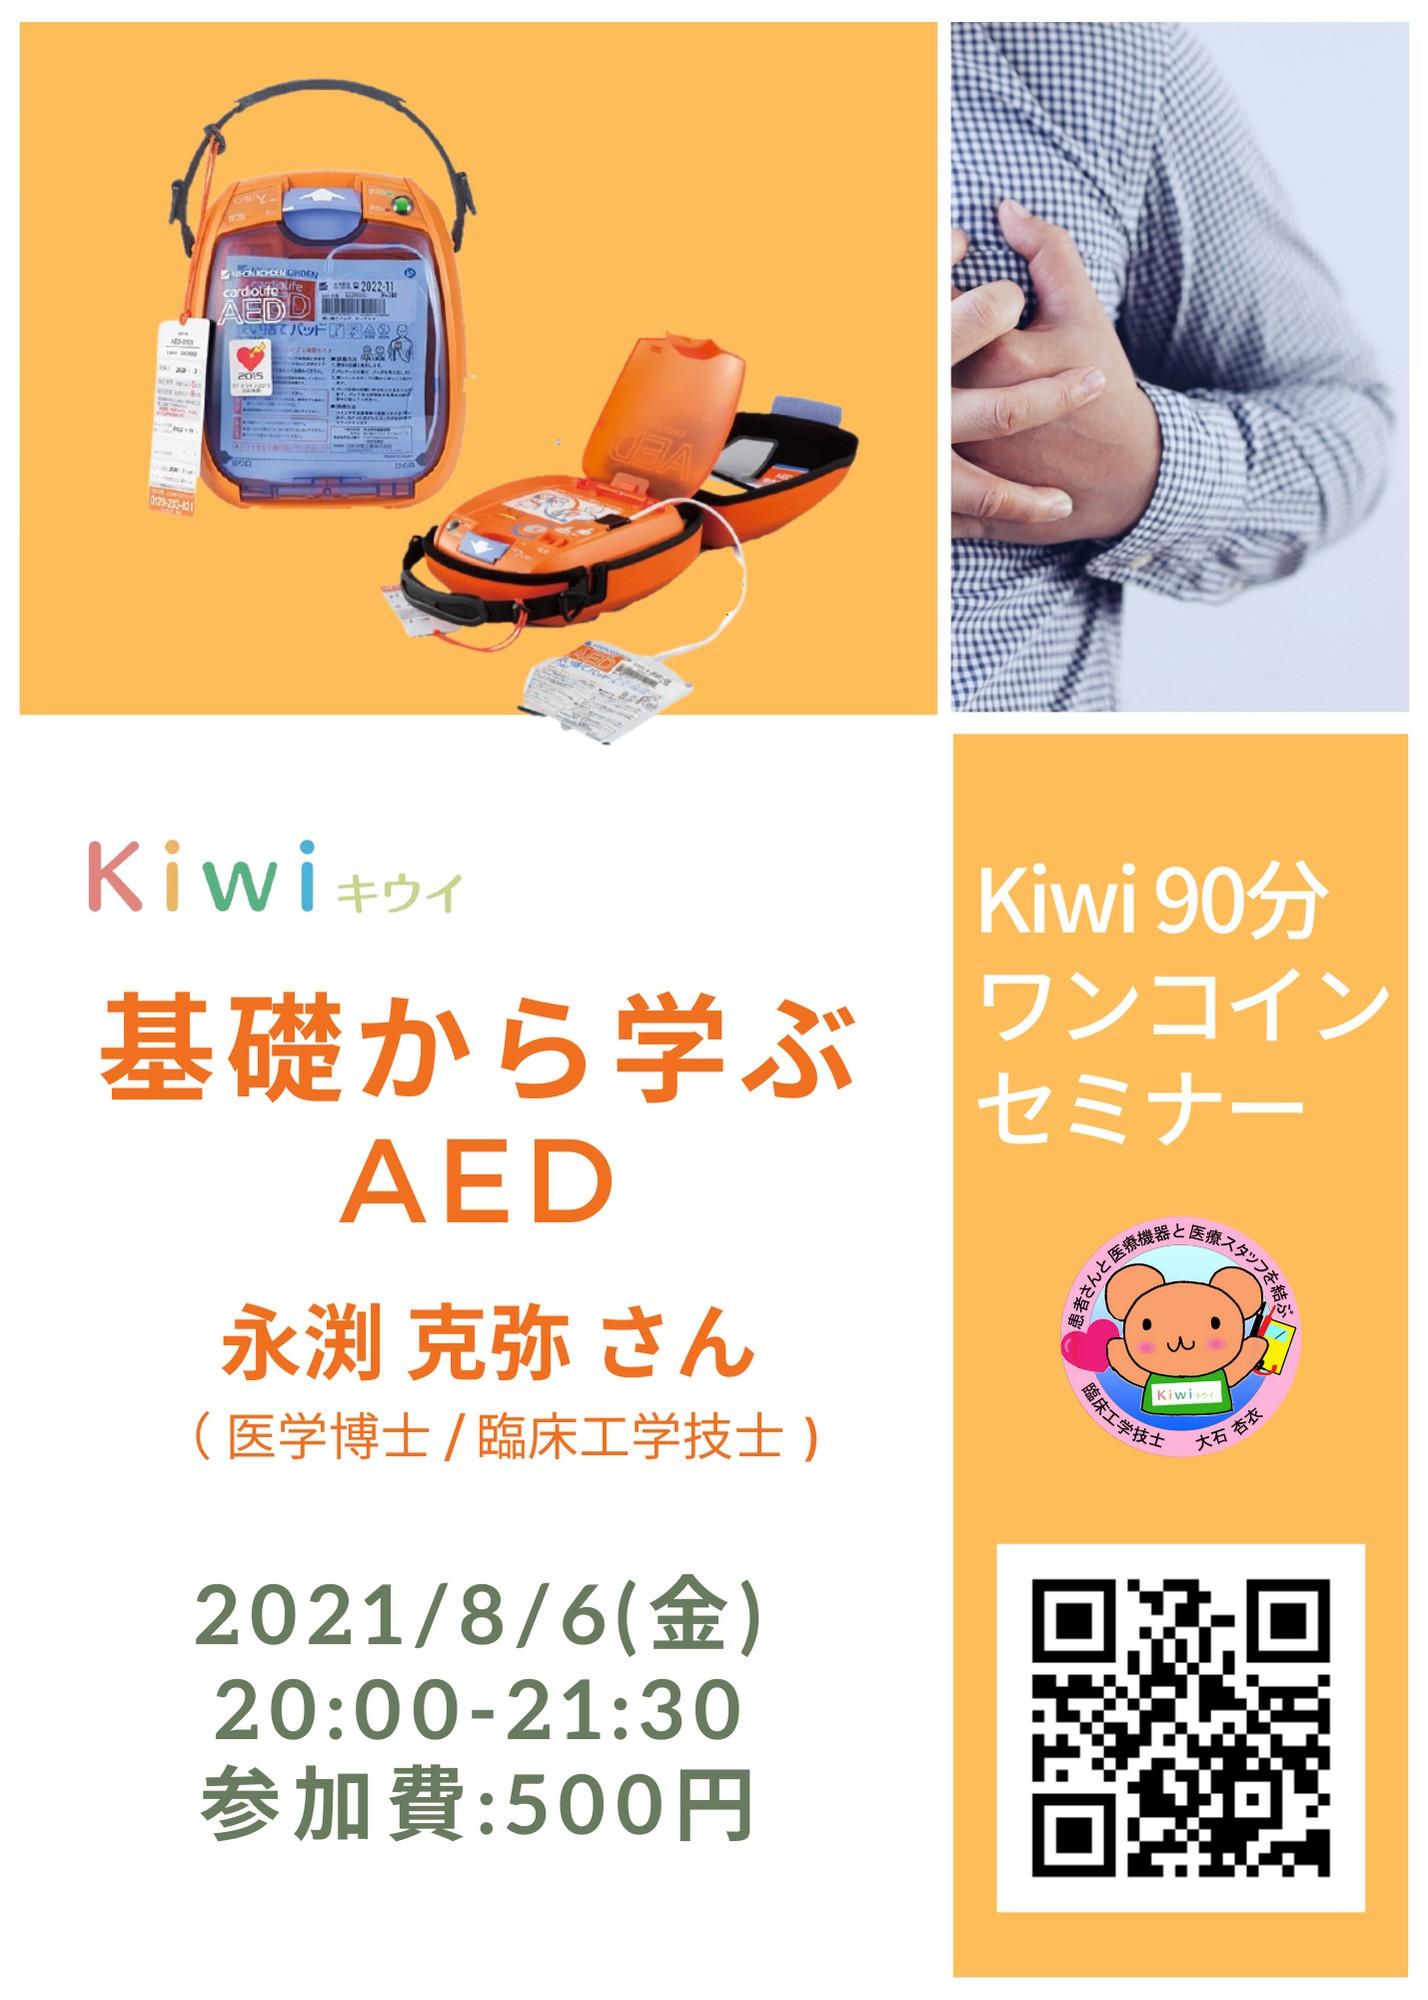 Kiwi,90分ワンコインセミナー,AED